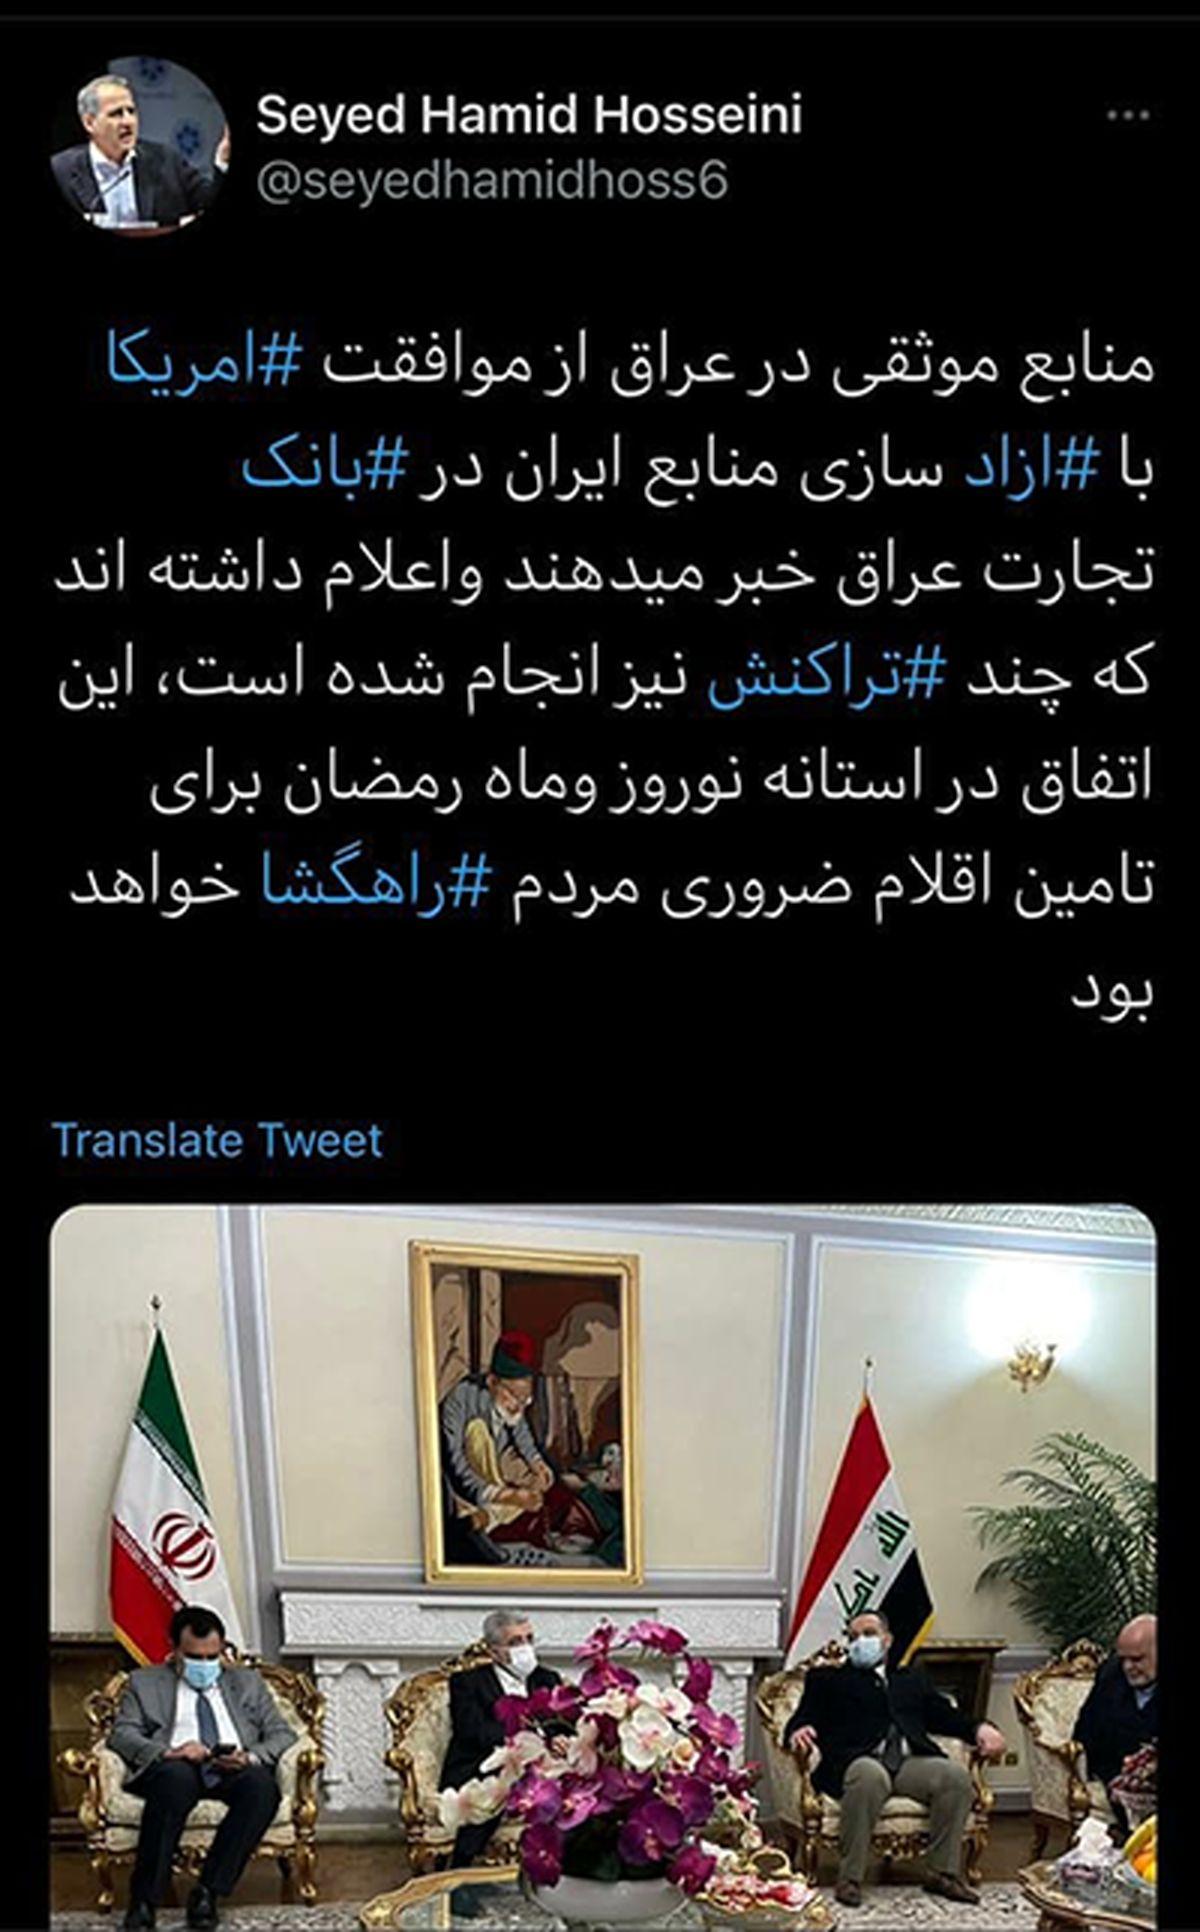 خبرخوب؛ ۳میلیارد دلار از منابع ایران آزاد شد +عکس